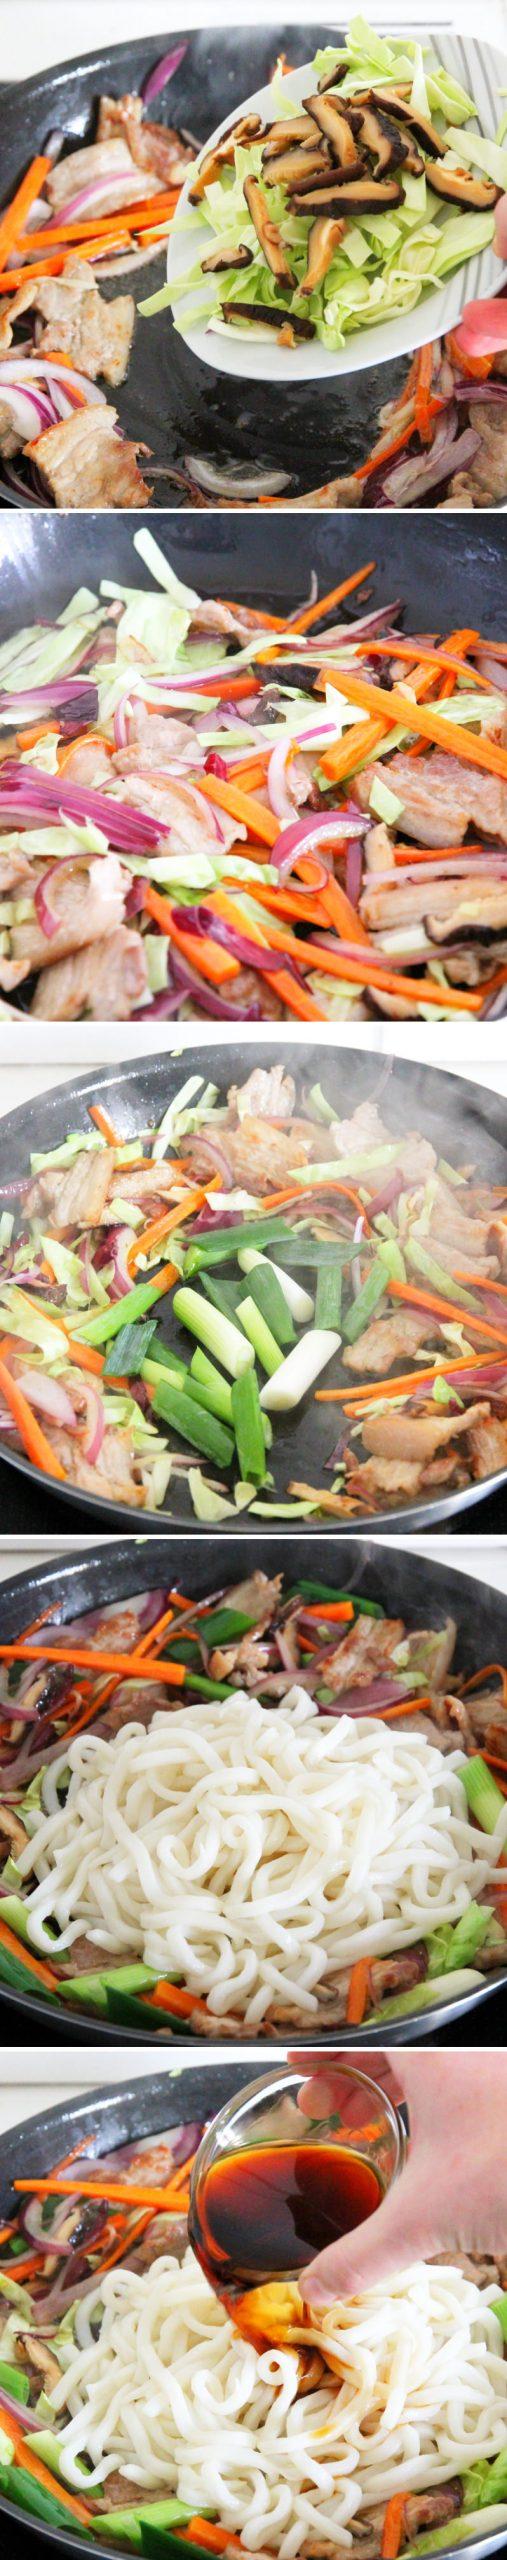 Yaki Udon Schritt 9 Gemüse anbraten und mit Mentsuyu ablöschen